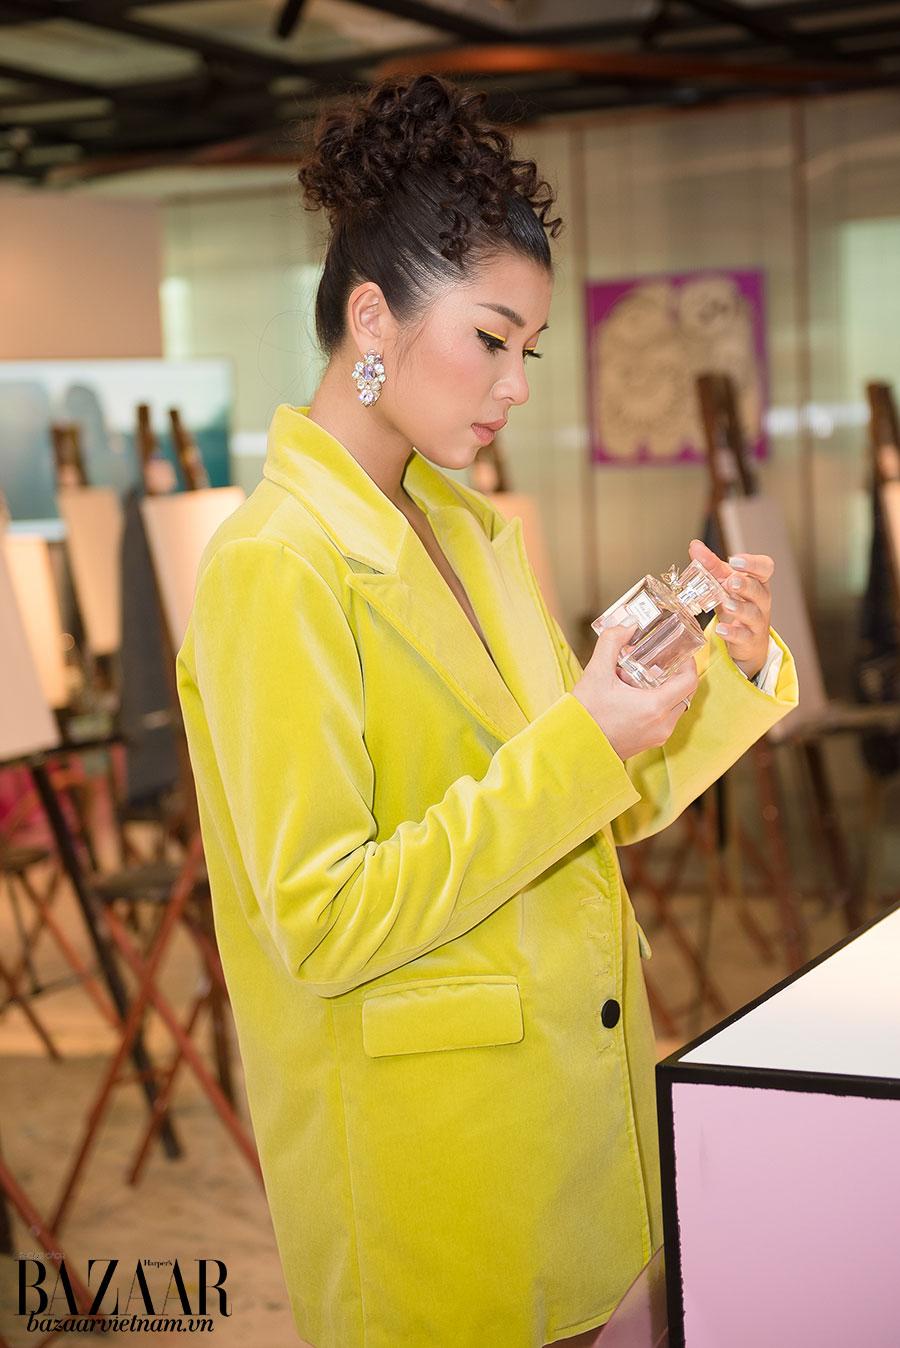 Đổng Ánh Quỳnh mân mê chai nước hoa Miss Dior